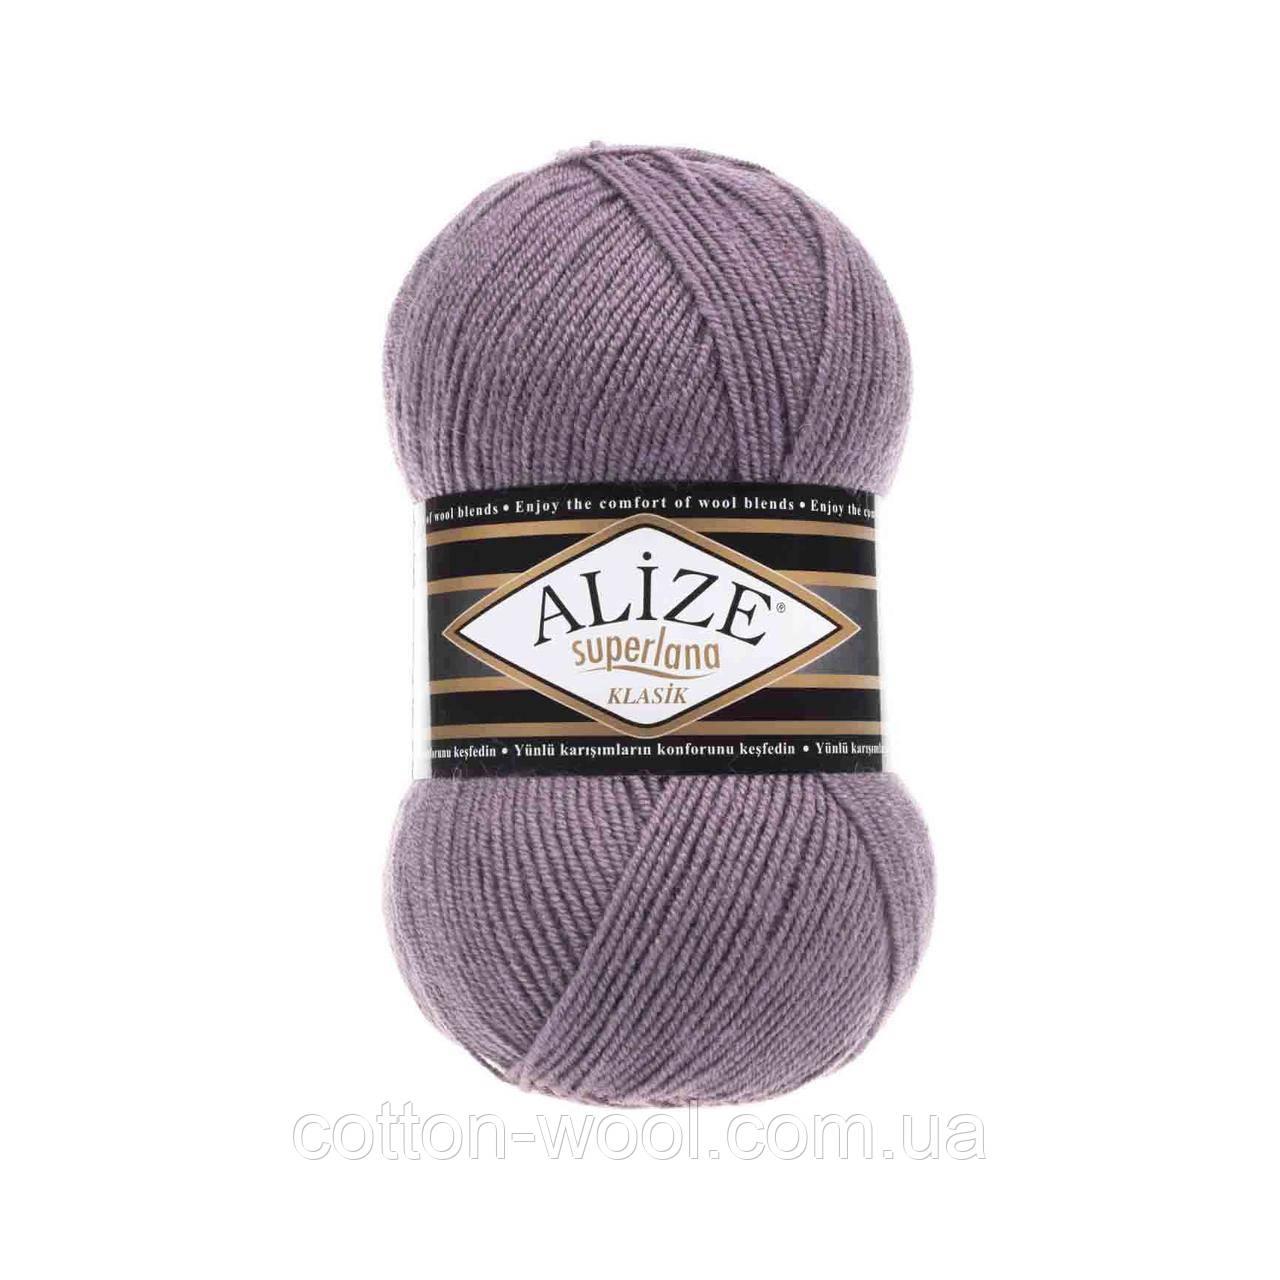 Alize Superlana klasik (Суперлана классик)  312